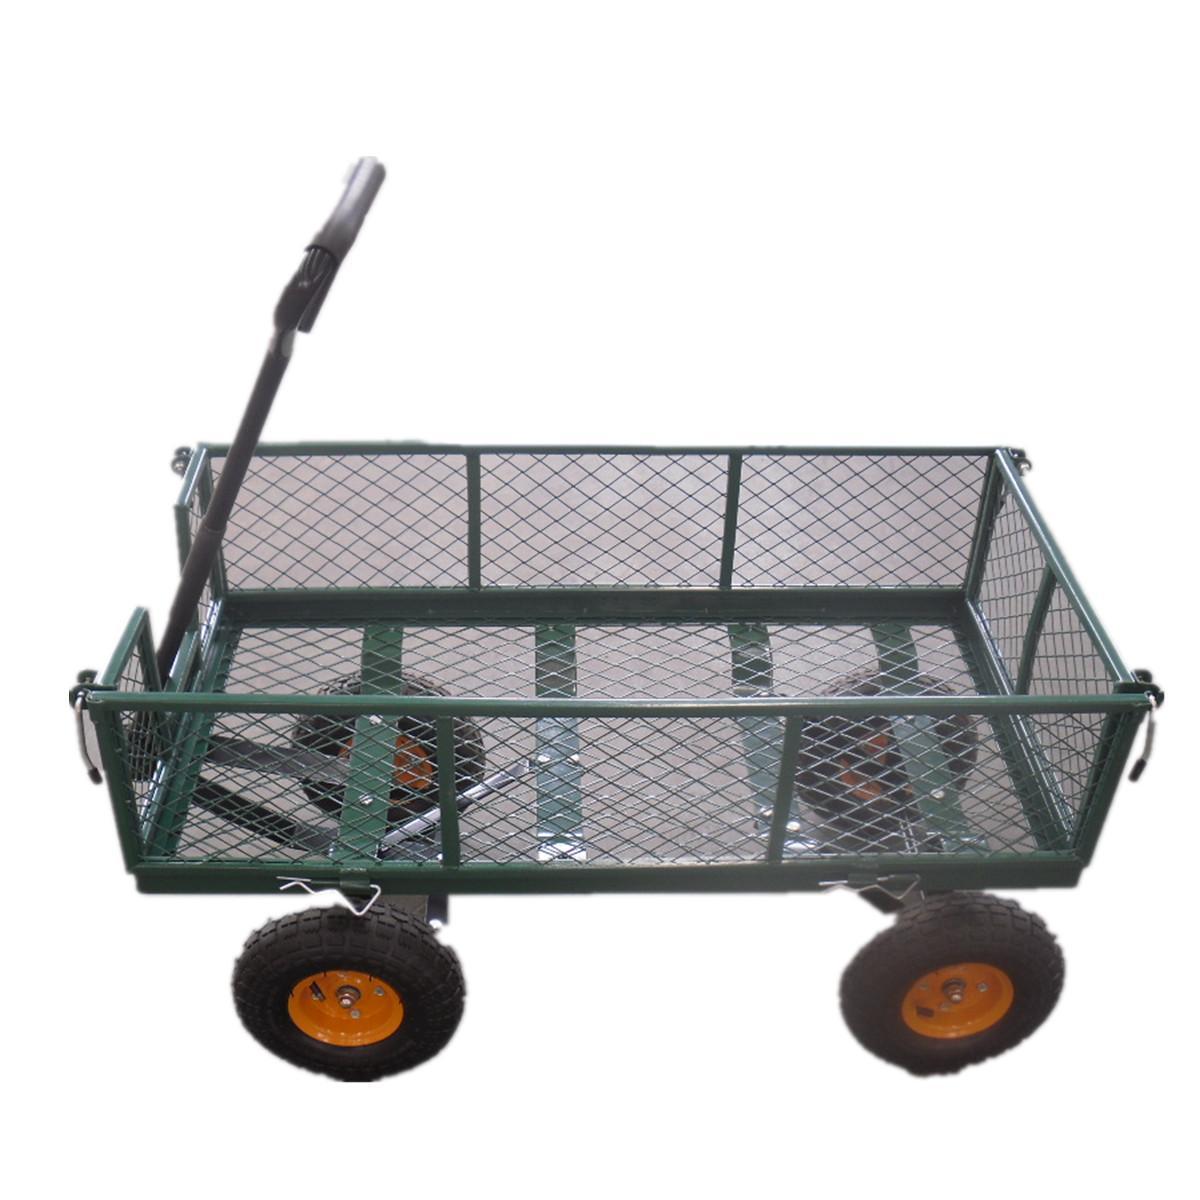 2017 4 Wheel Heavy Duty Garden Outdoor Utility Cart Truck Trolley